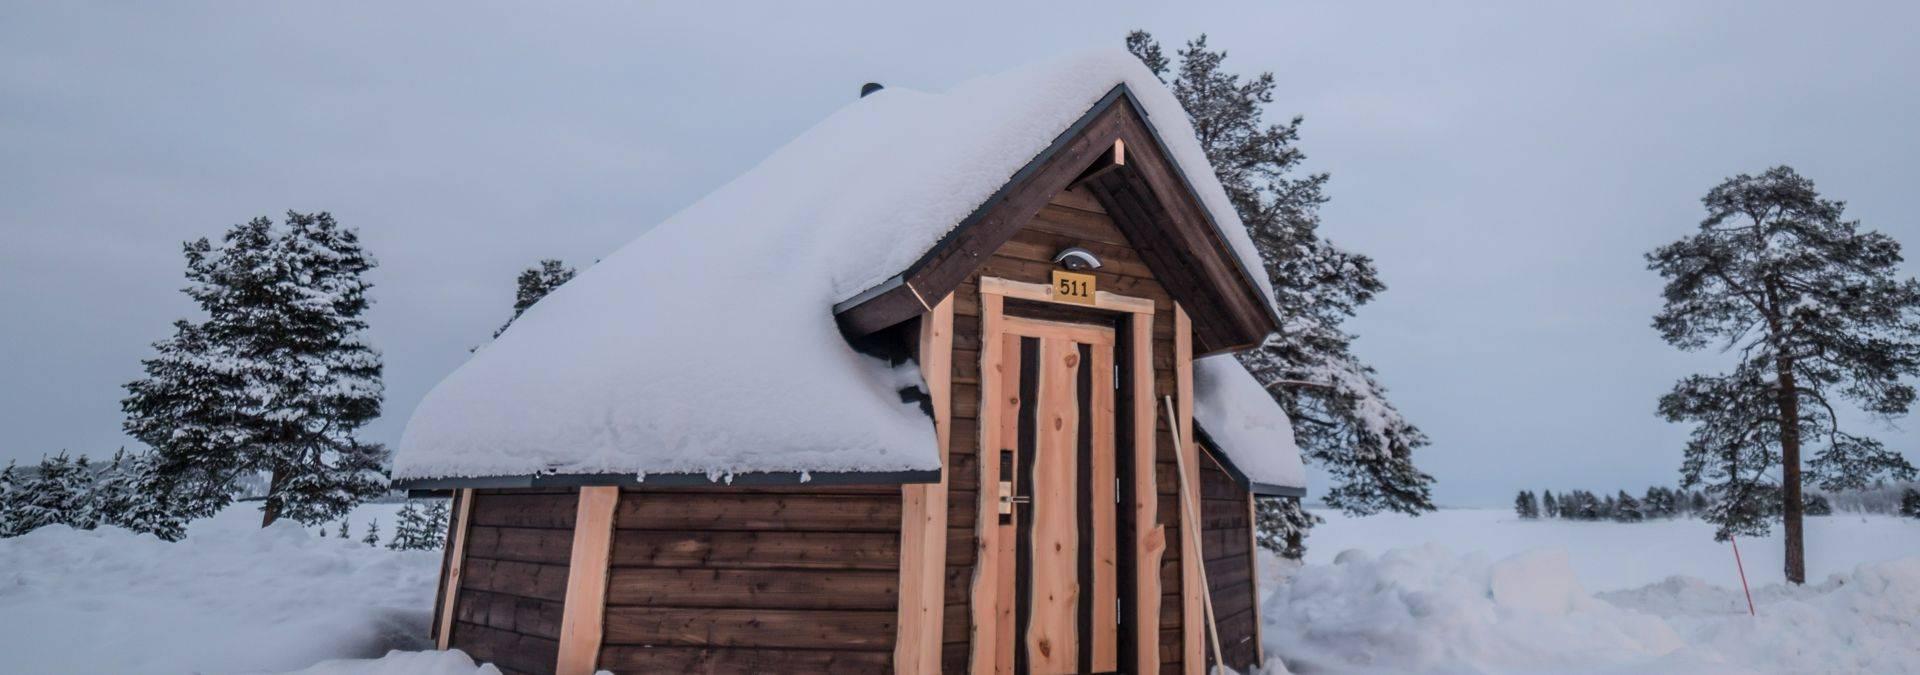 Aroura Kota   Inari   Credit Matt Robinson (1)